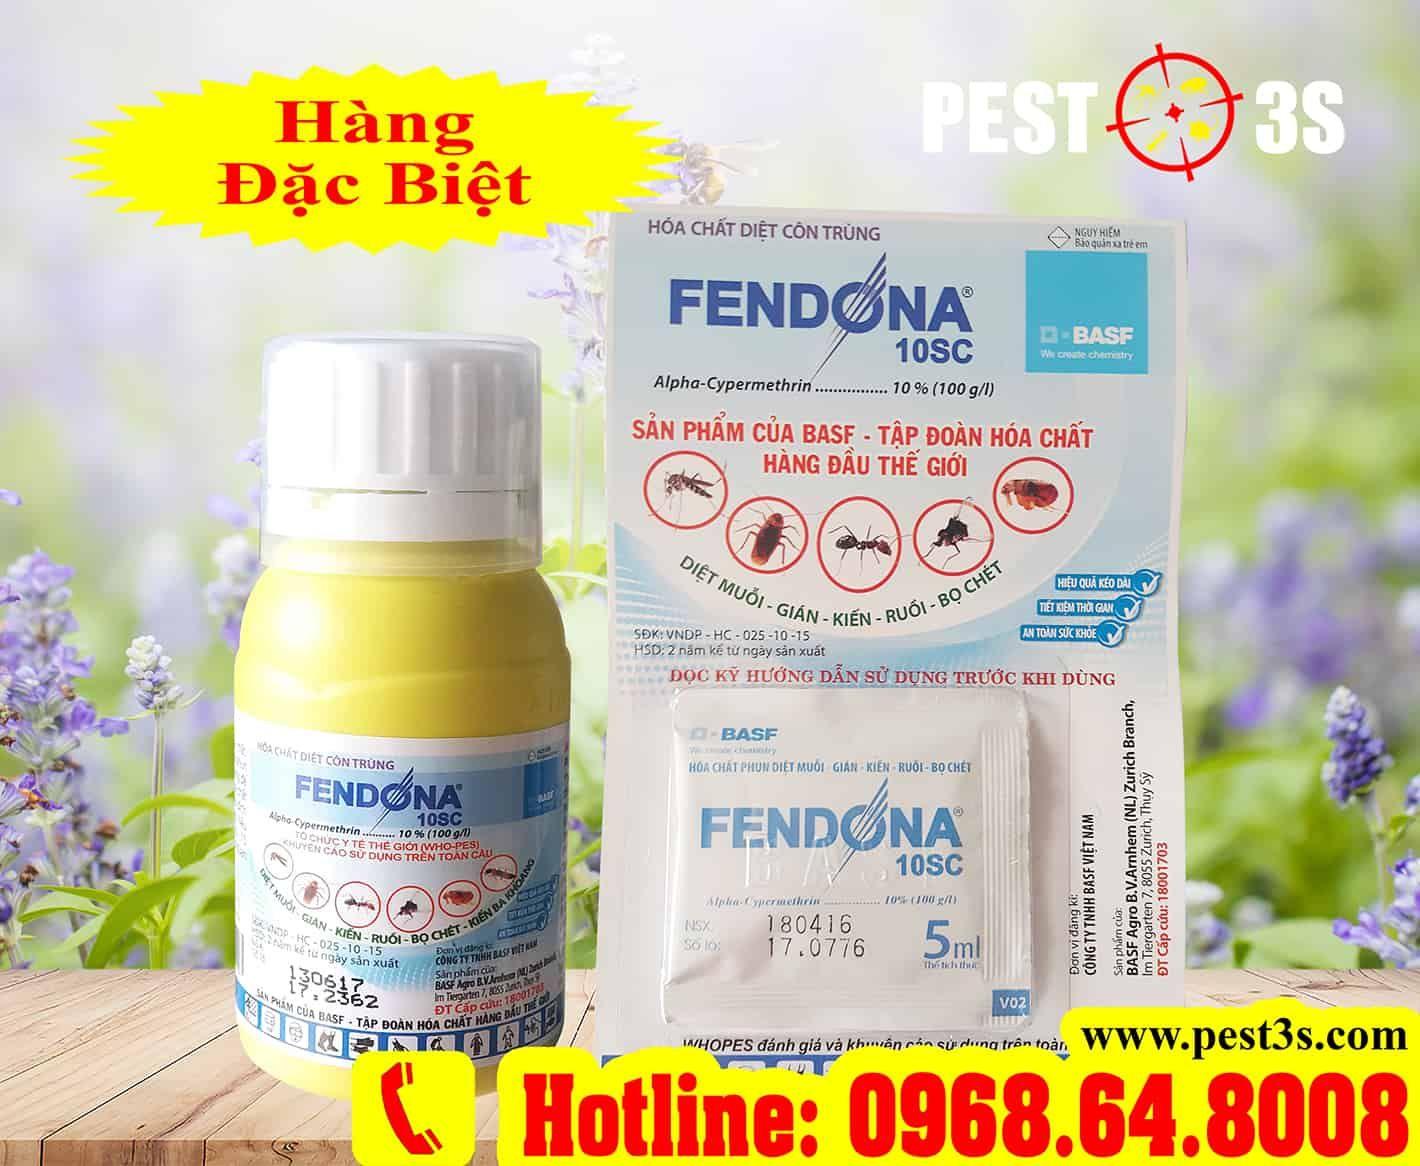 Công dụng và ưu điểm của thuốc diệt côn trùng Fendona 10SC